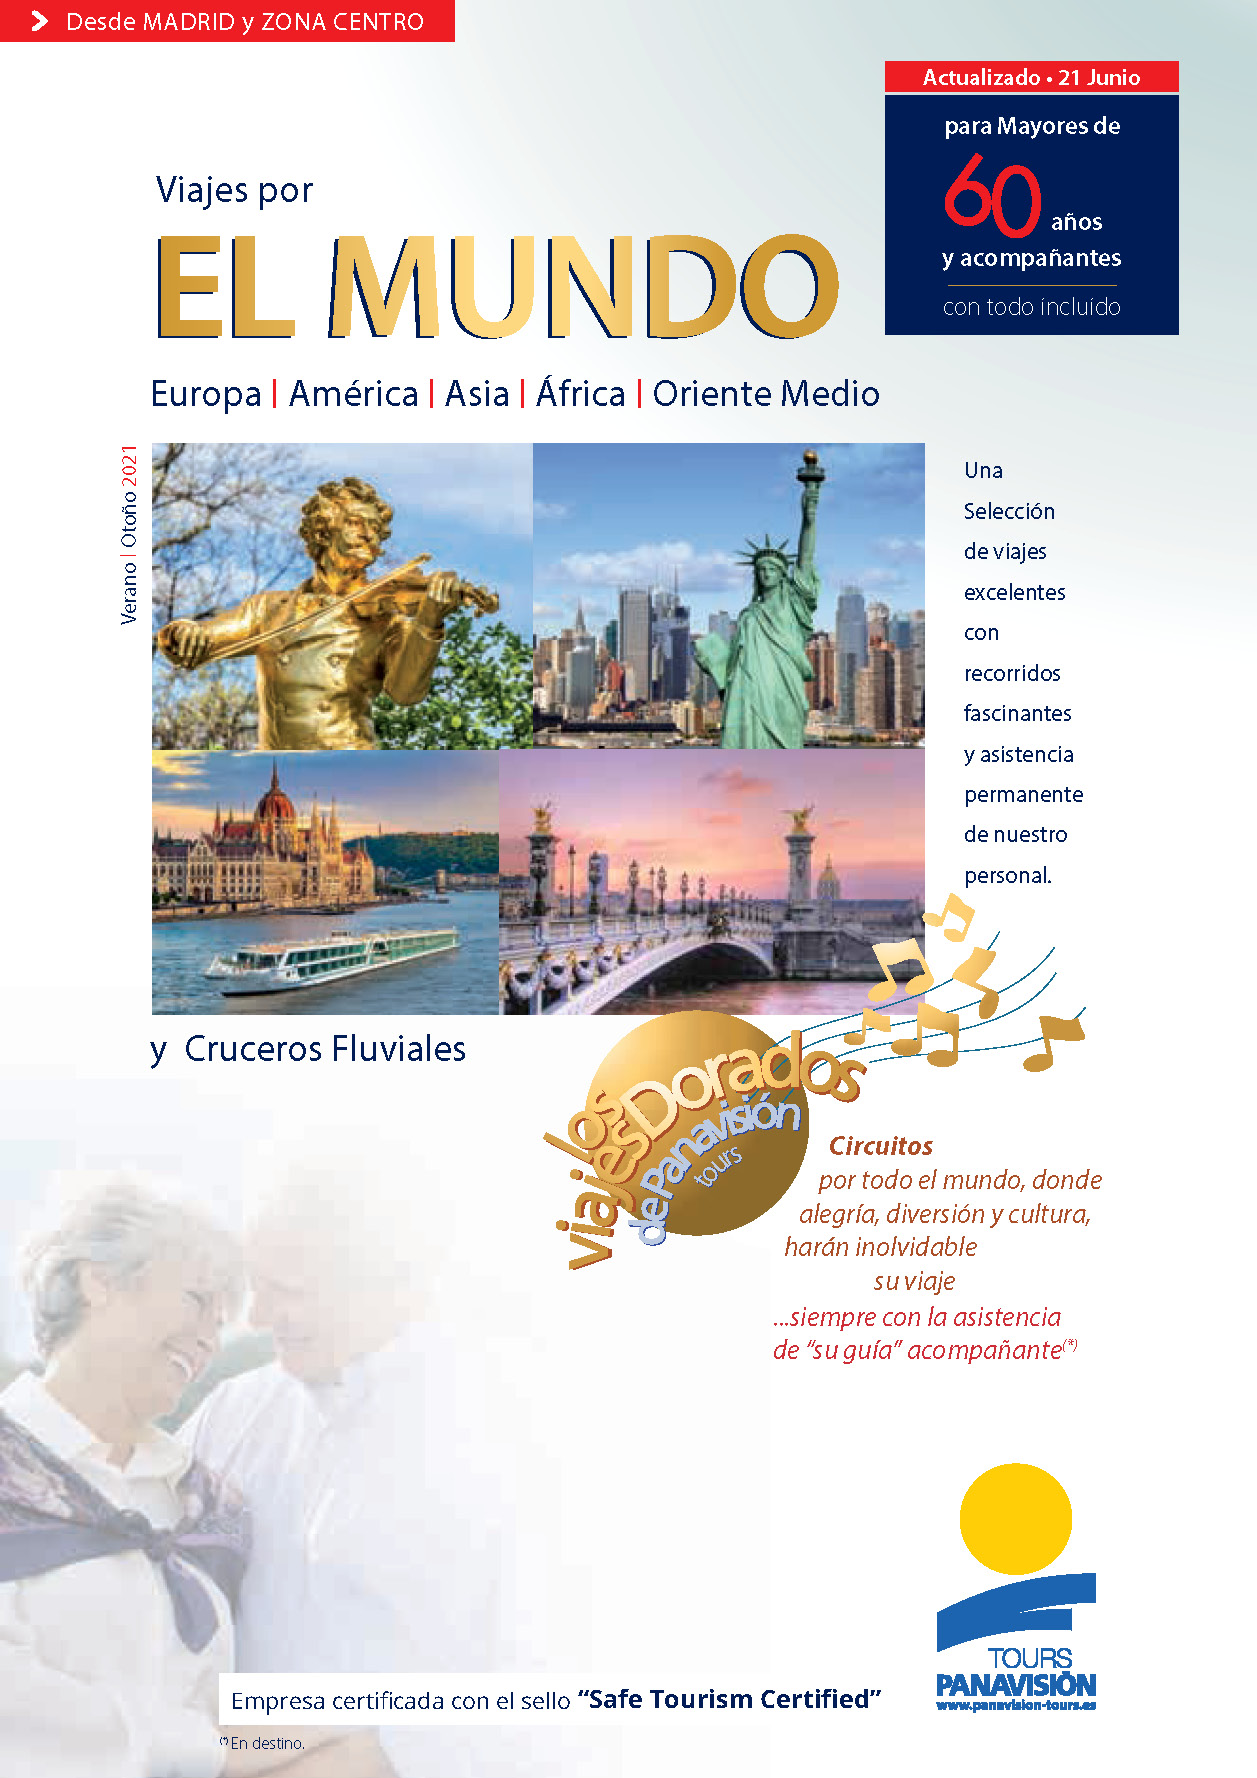 Catalogo Panavision Tours Viajes por el Mundo para mayores de 60 2021 salidas zona centro FS1